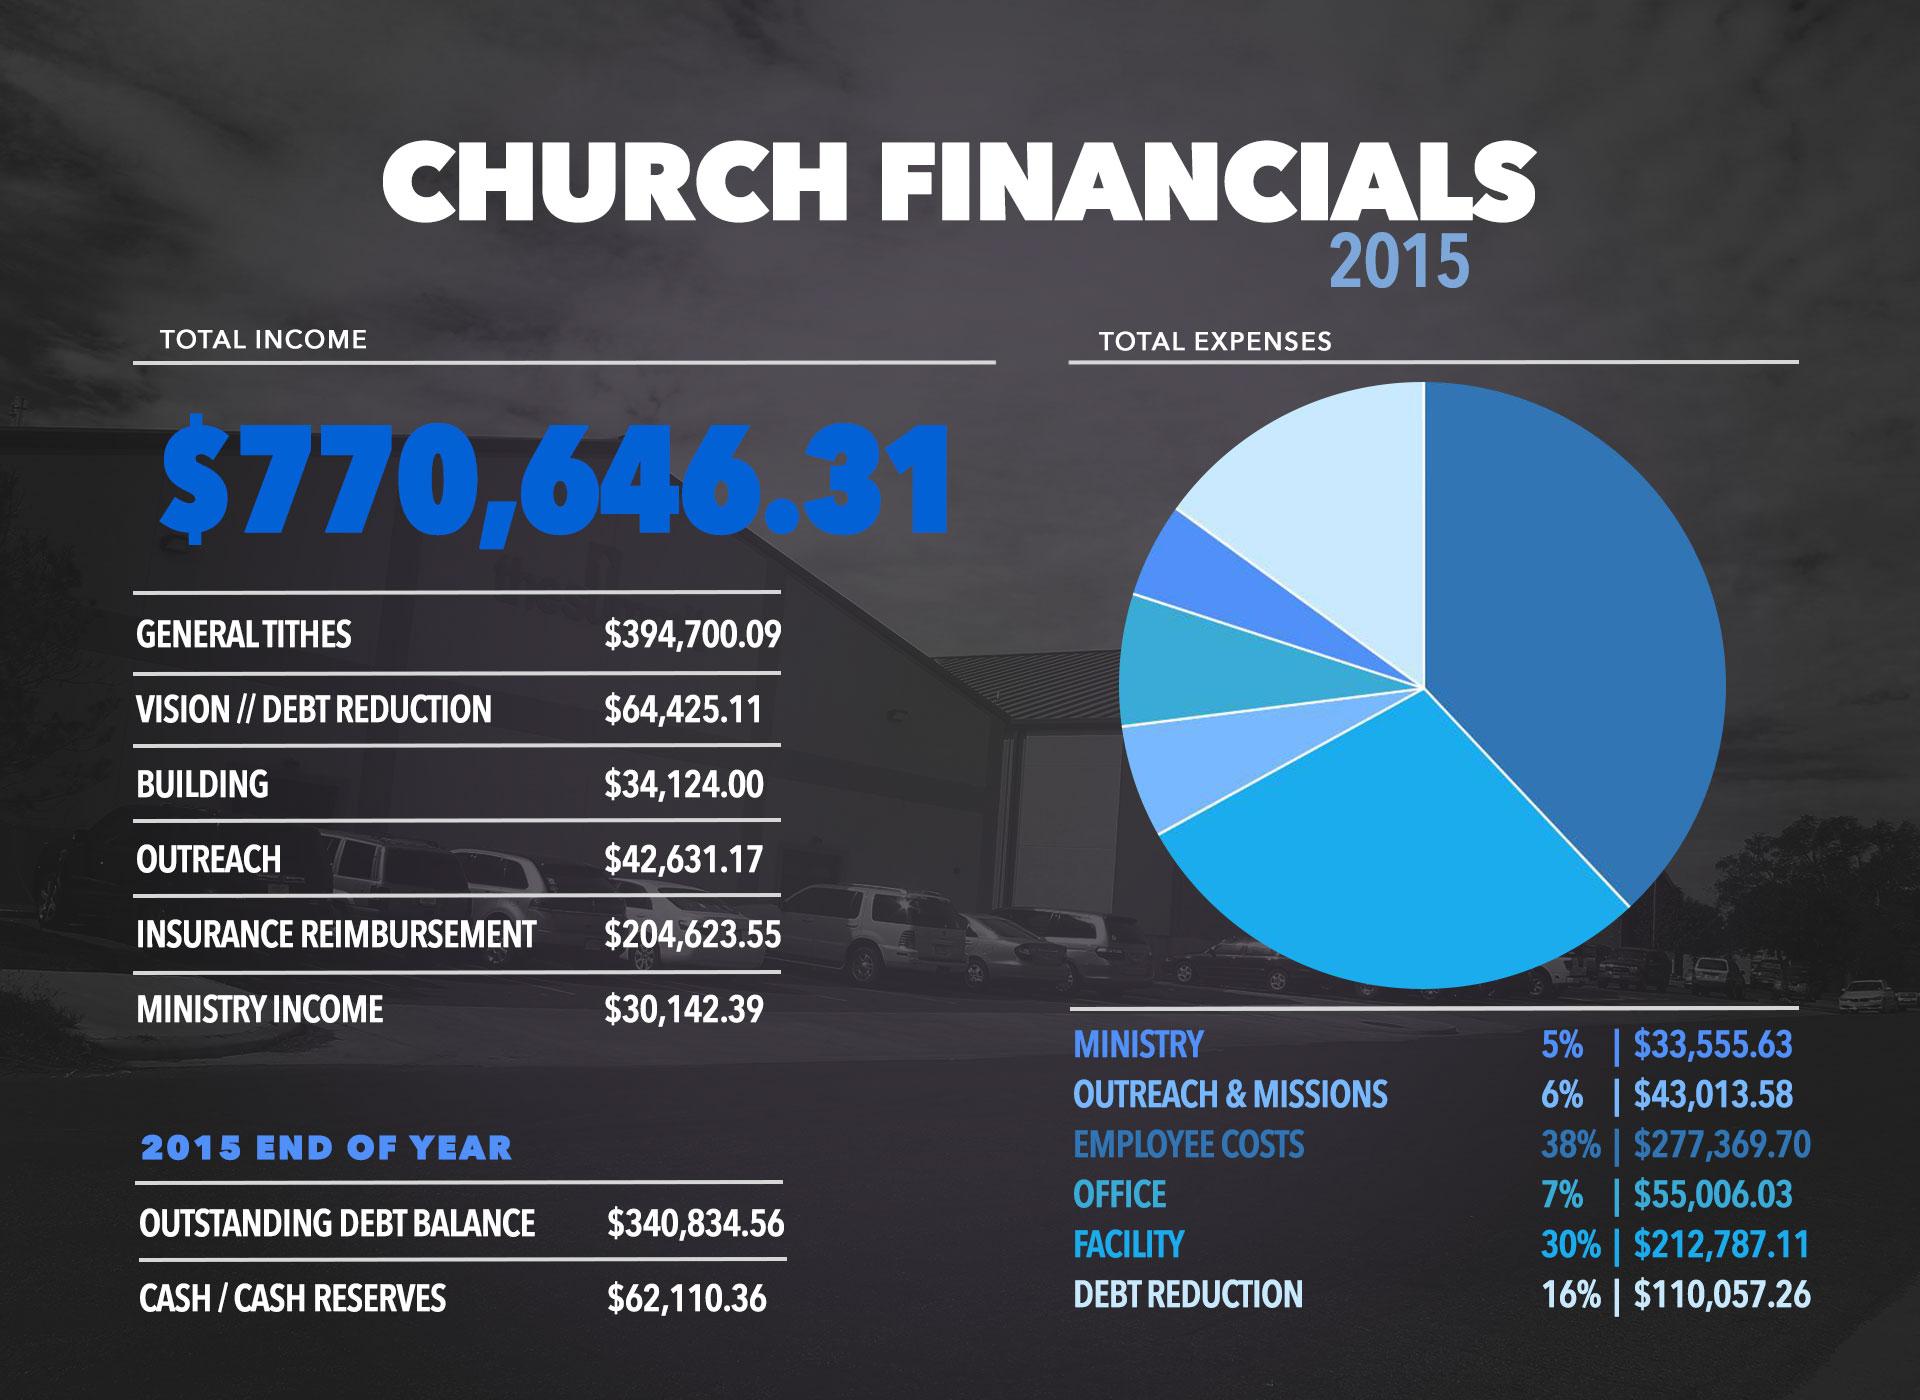 15churchfinancials-graphic